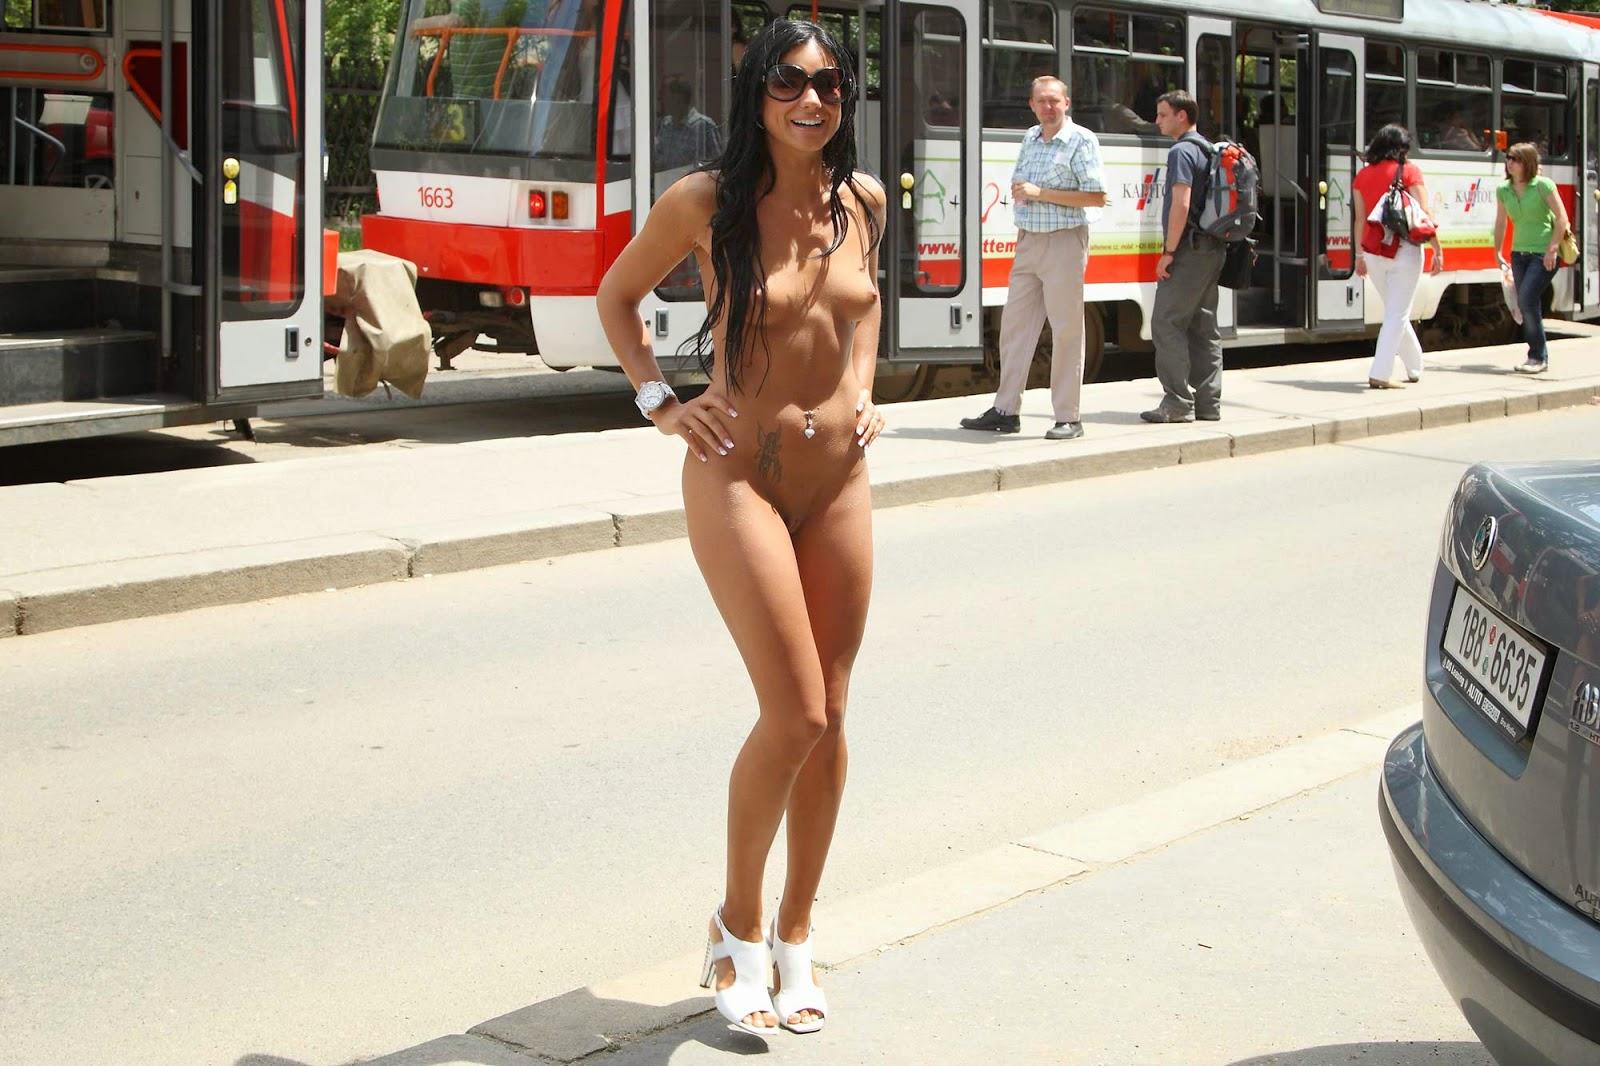 Mujeres Desnudas Por Las Calles Porno fotos porno gratis - 100% español: mujeres desnudas por la calle